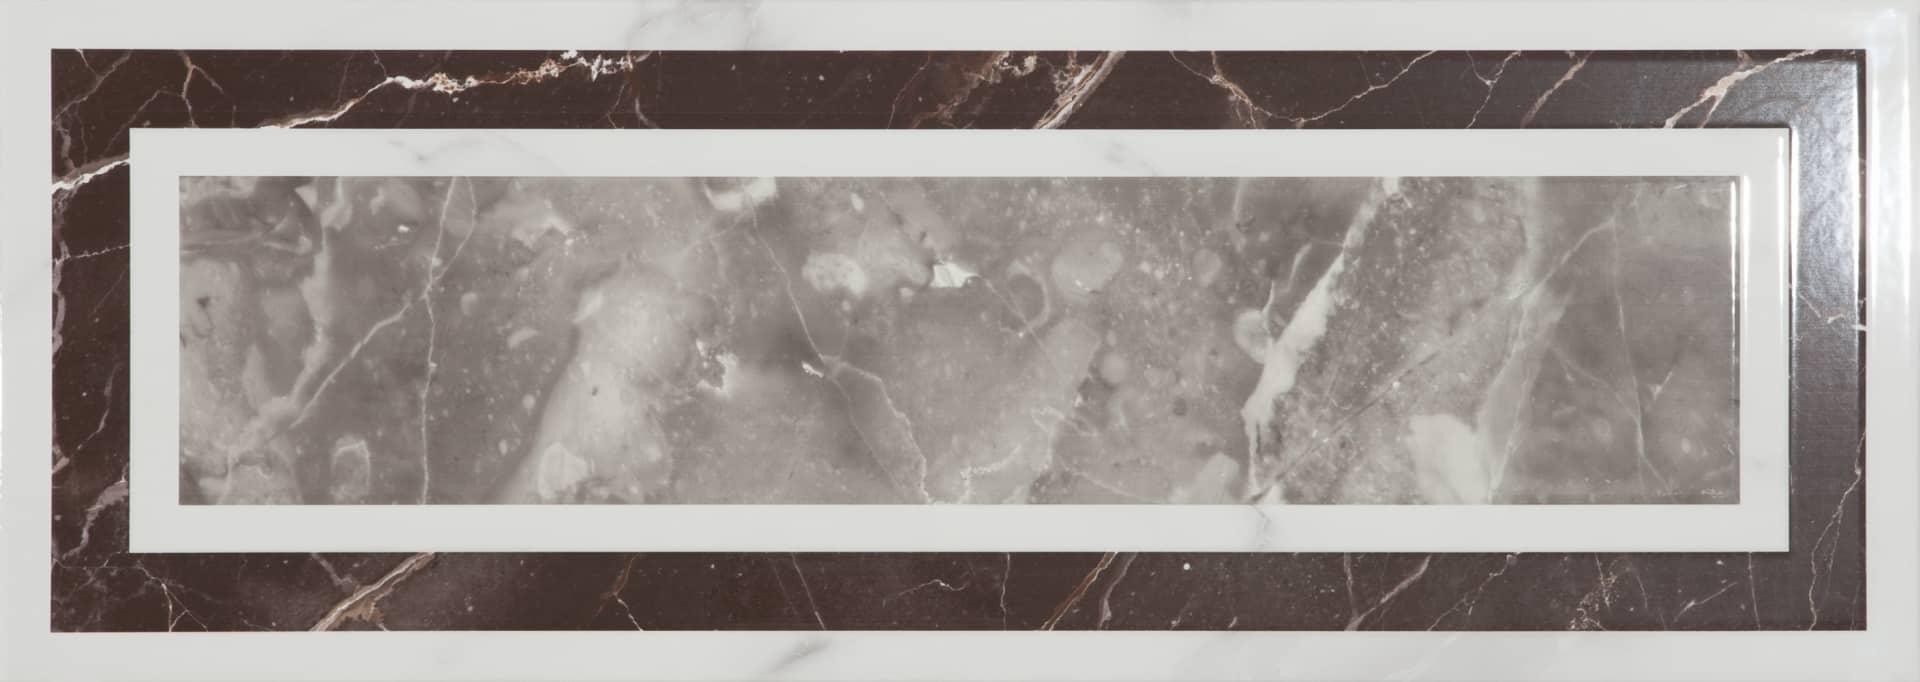 Faianță pentru baie Ecoceramic Venezia Calacatta Versales Calacata 250x700 texturată și lucioasă alb / 9